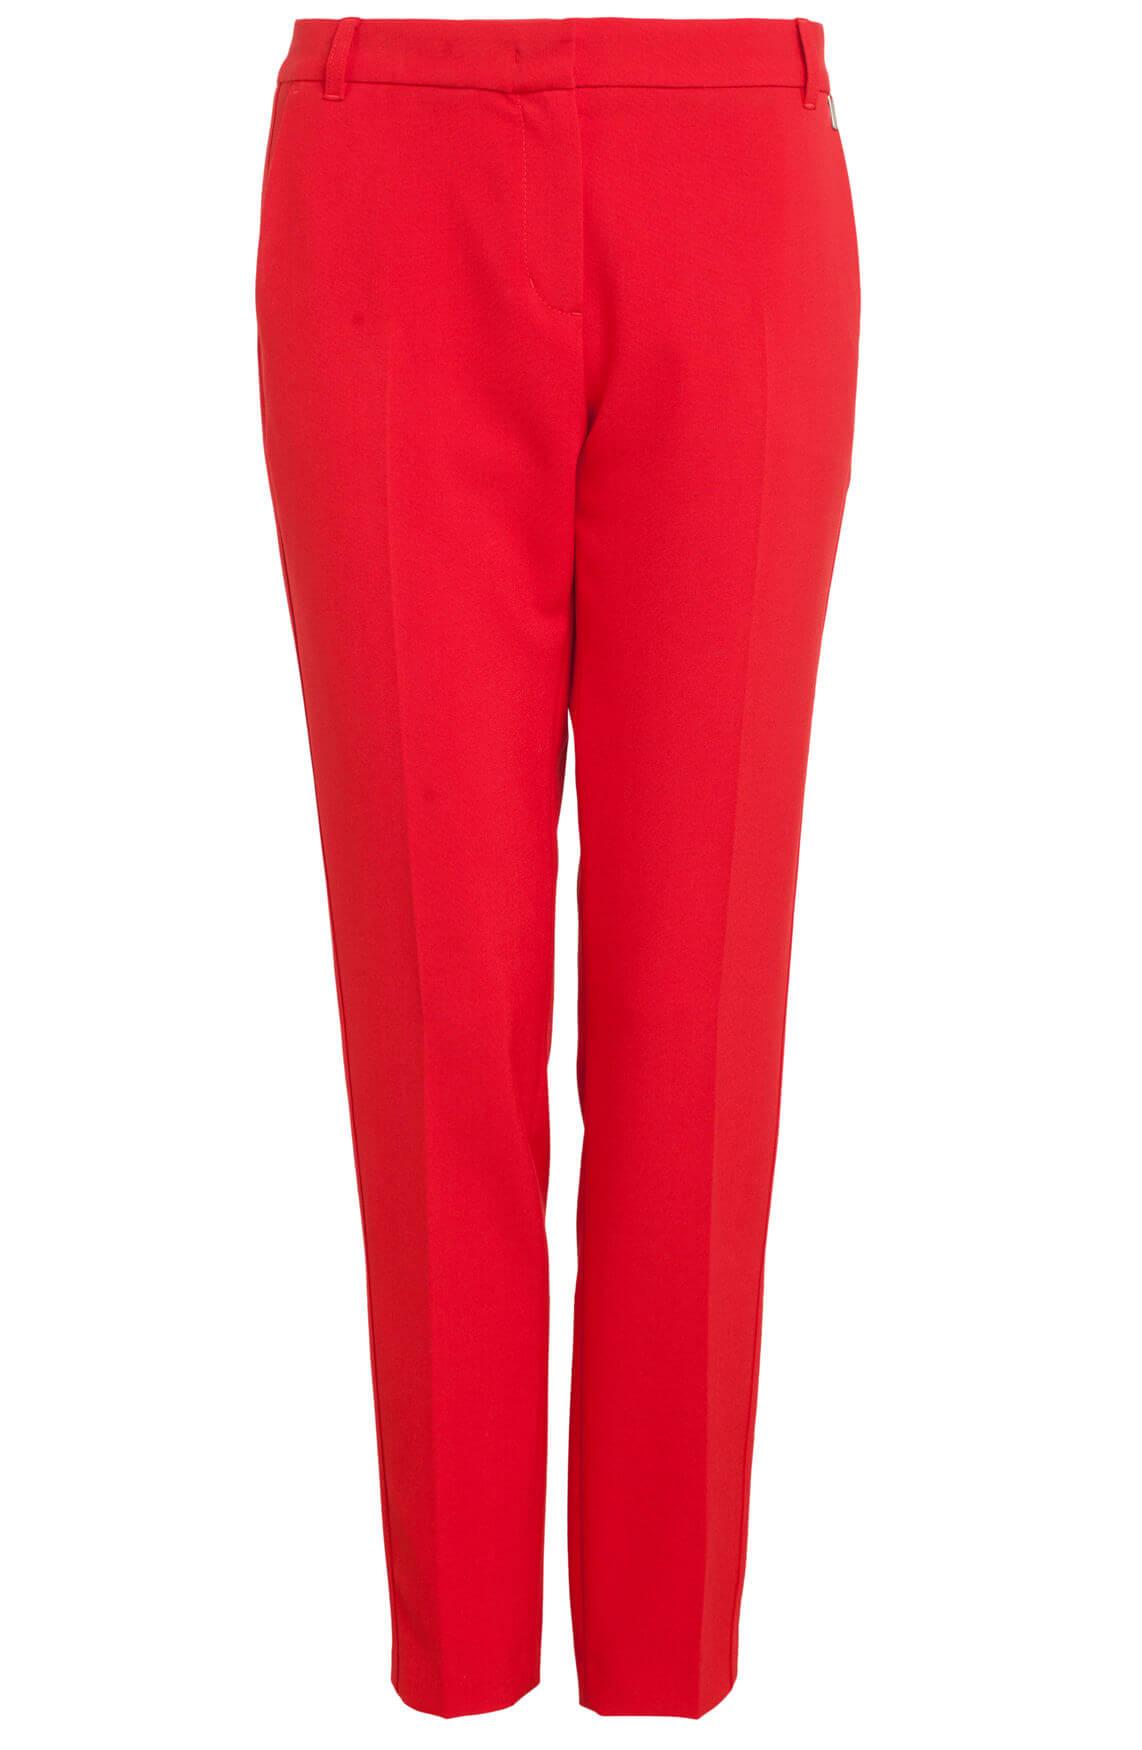 Anna Dames Rode pantalon 0